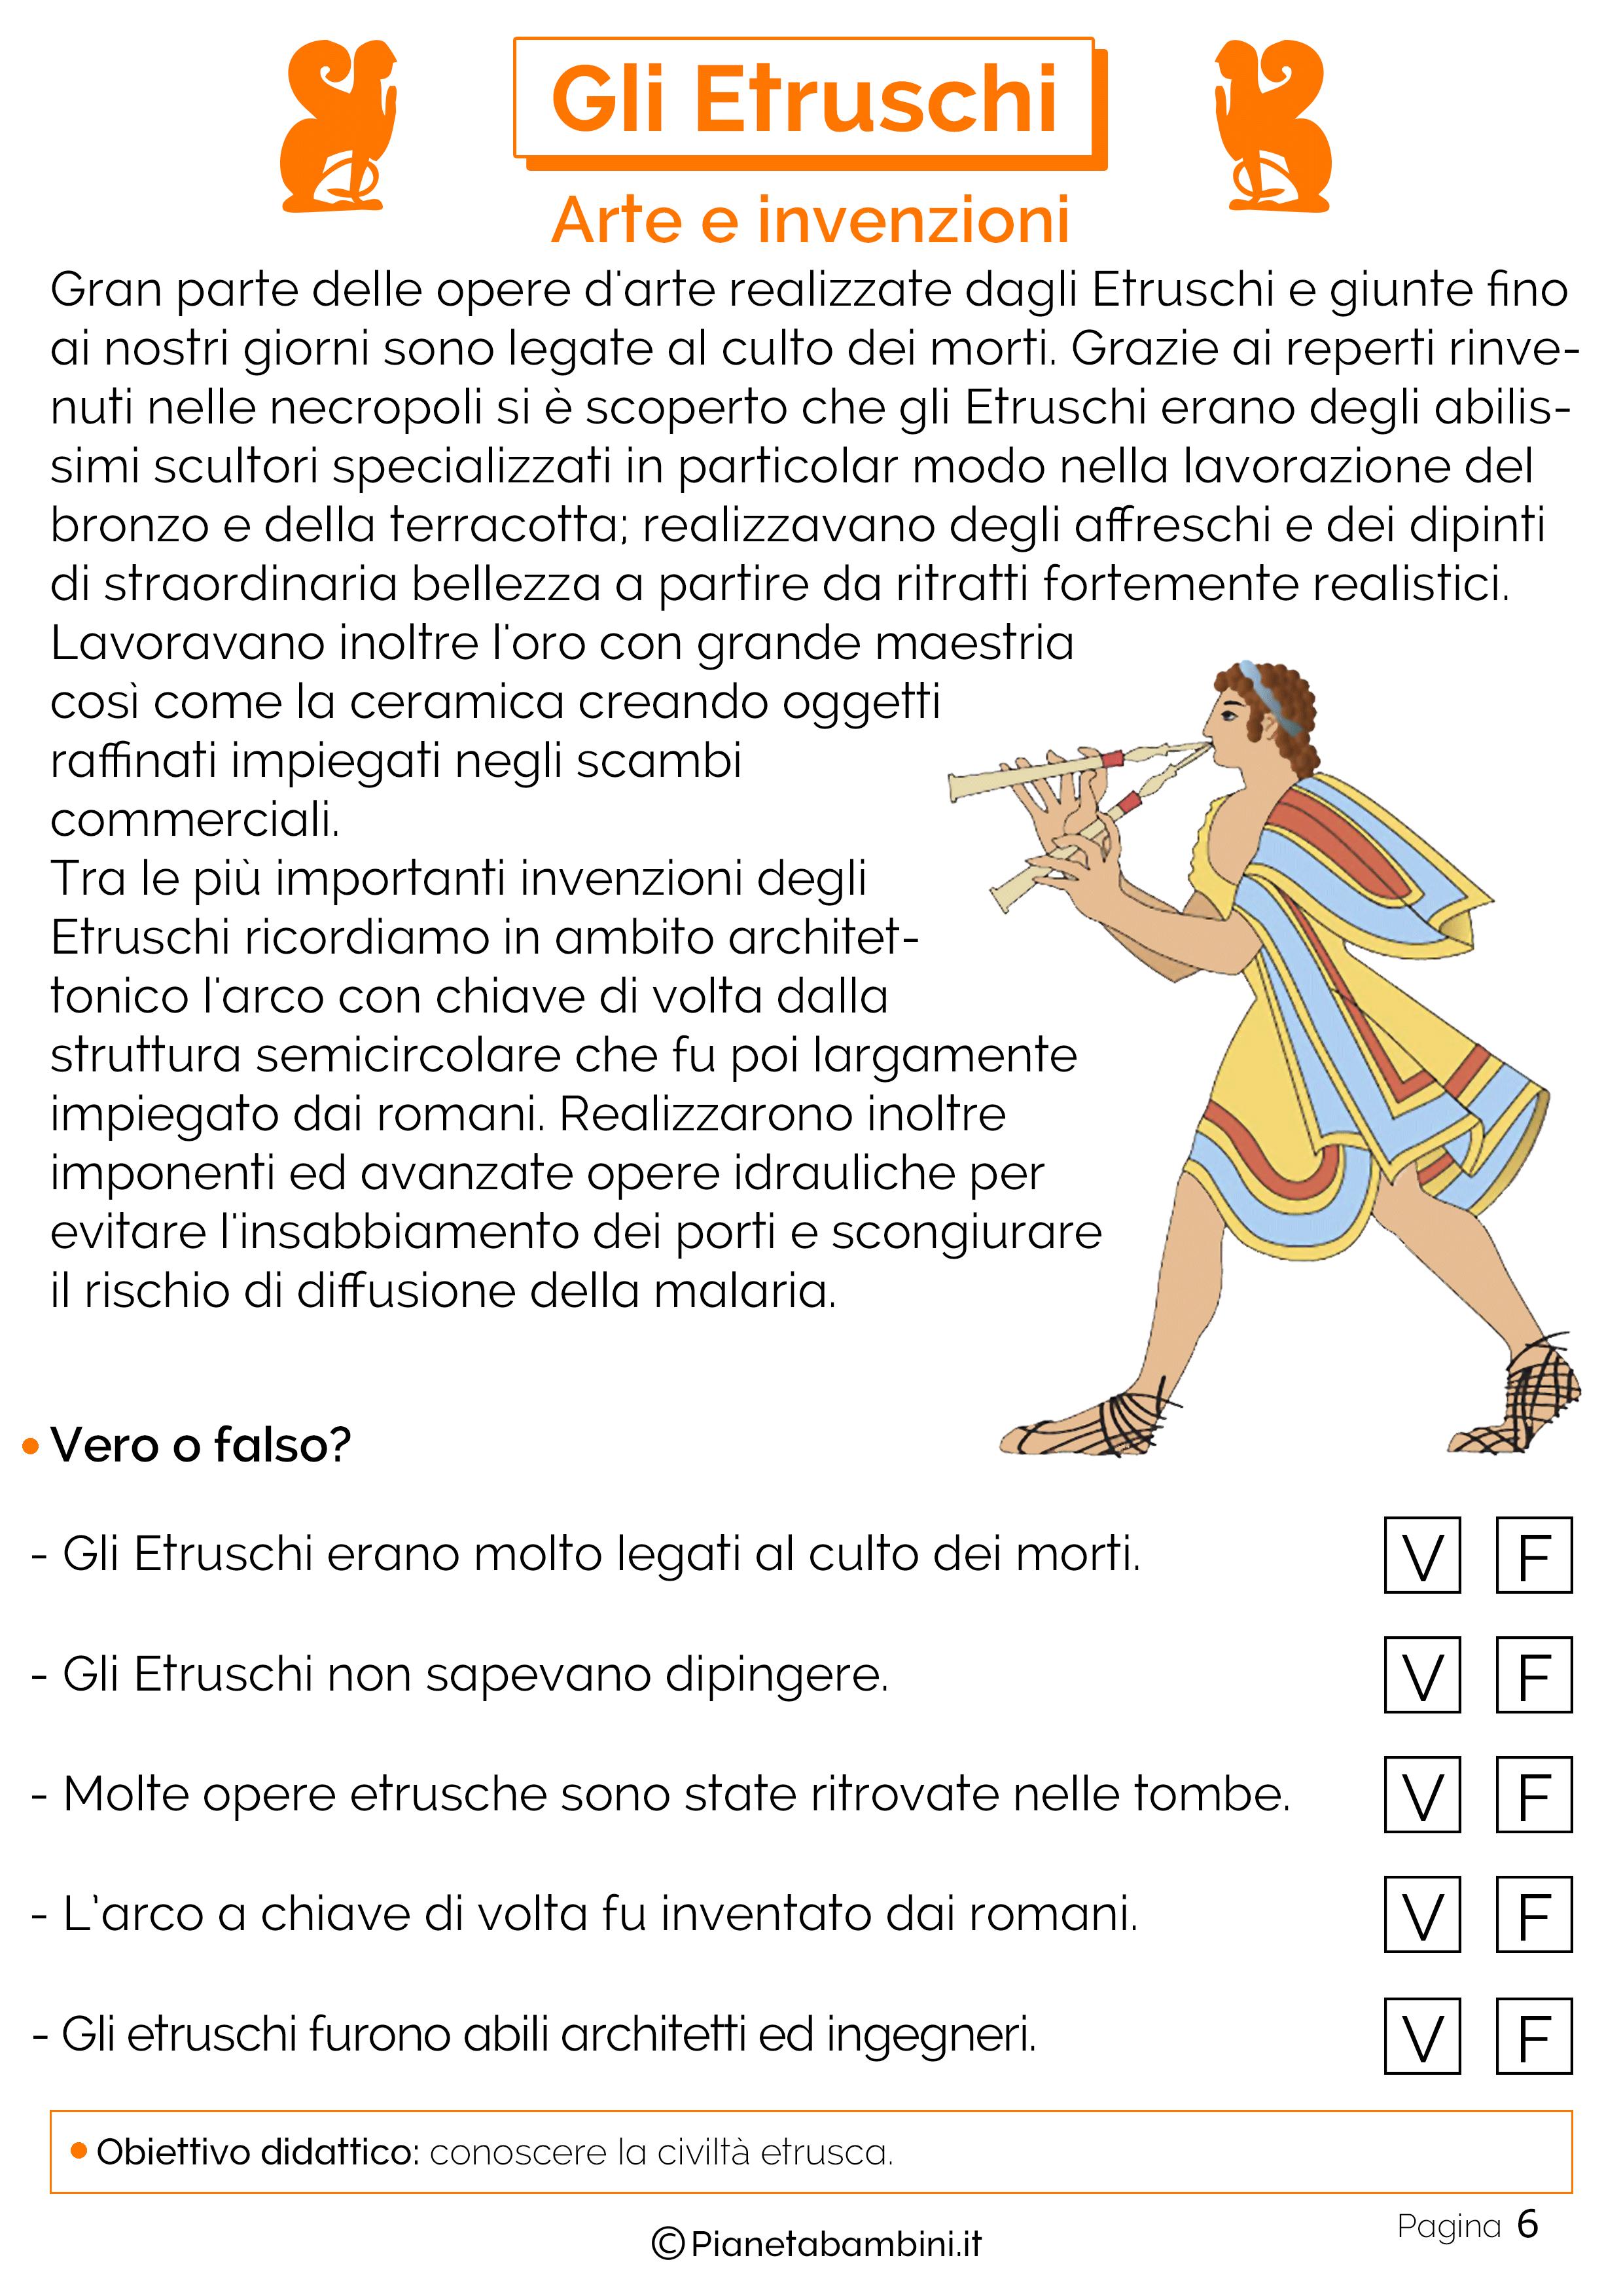 L'arte e le invenzioni degli etruschi